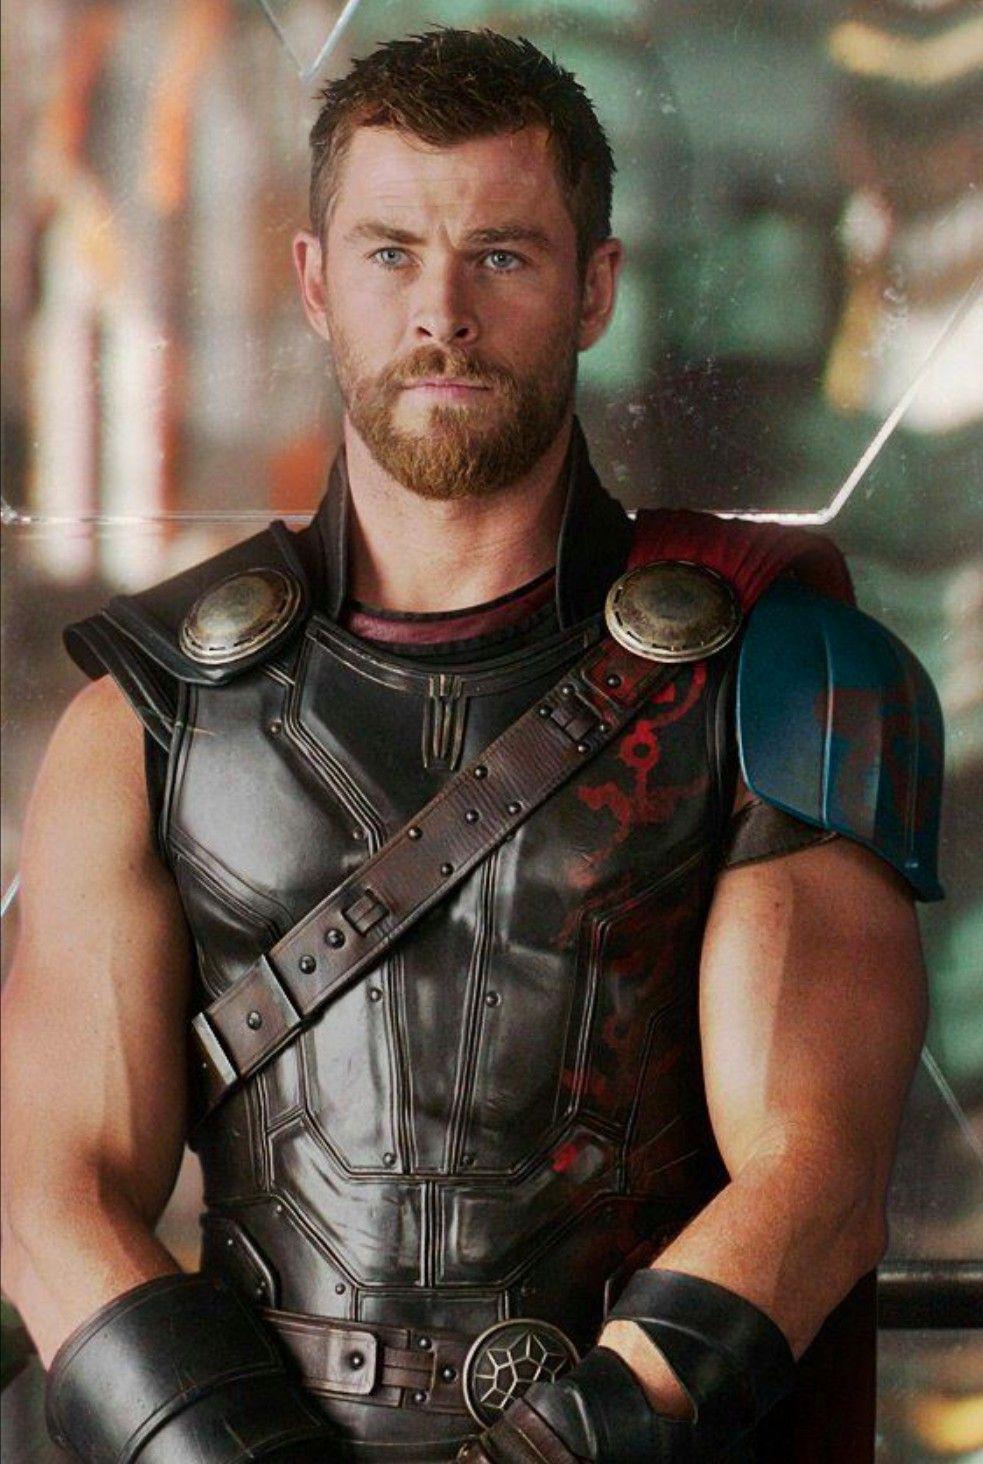 Té ngửa ảnh hồi bé của dàn sao Avengers: Scarlett như hotgirl, Captain dậy thì xuất sắc nhưng Hulk mới gây choáng - Ảnh 11.